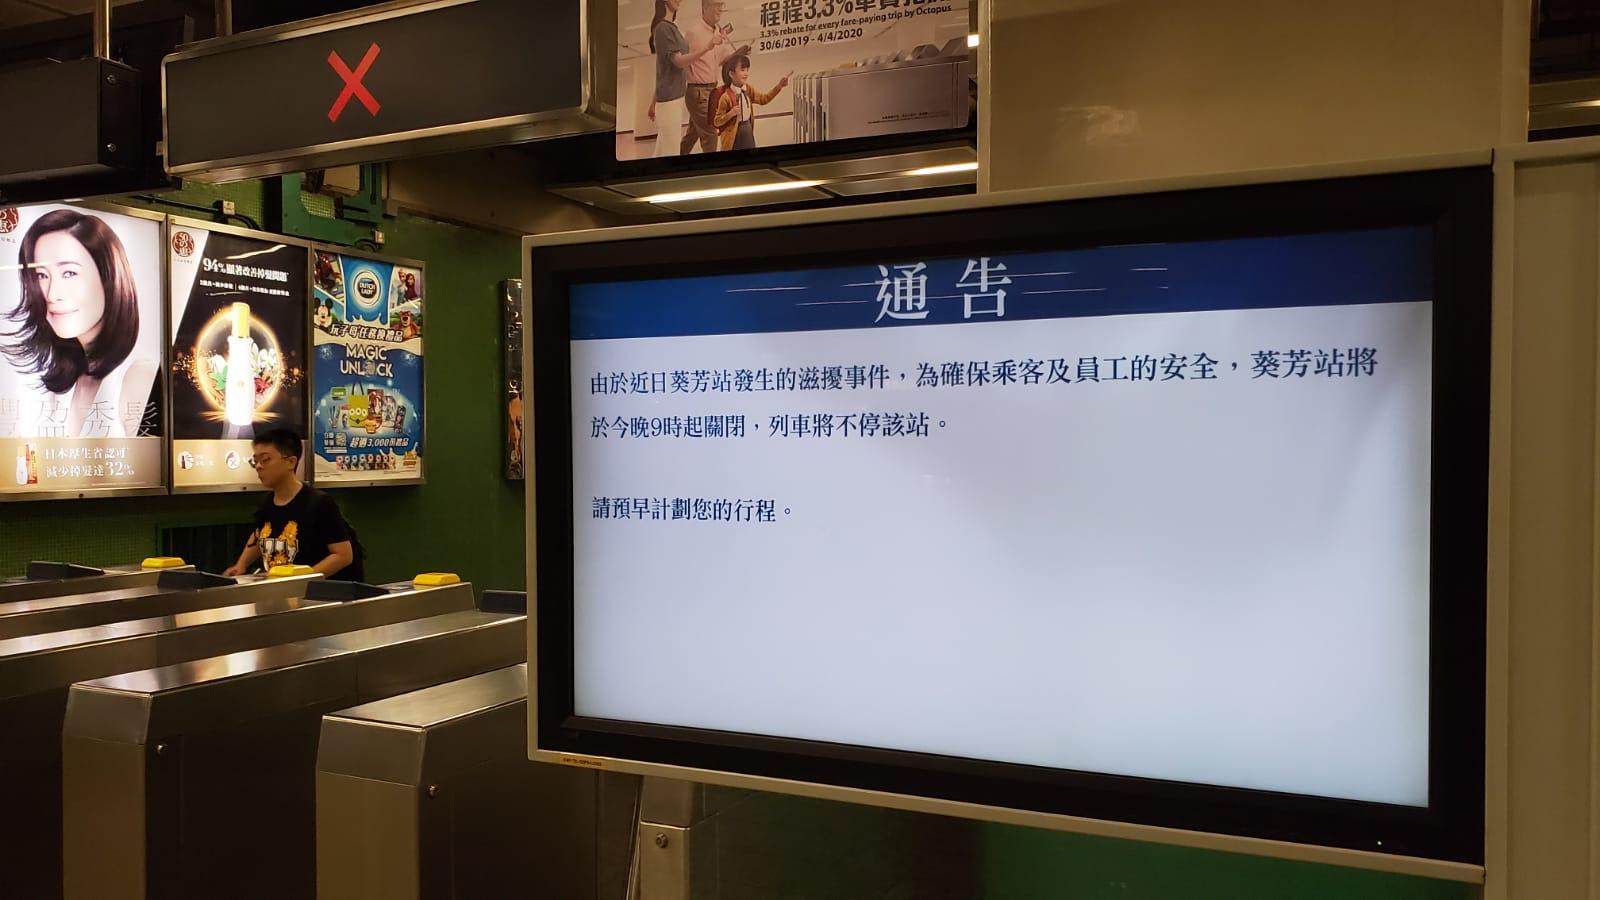 車站通告提醒乘客今晚關閉車站。